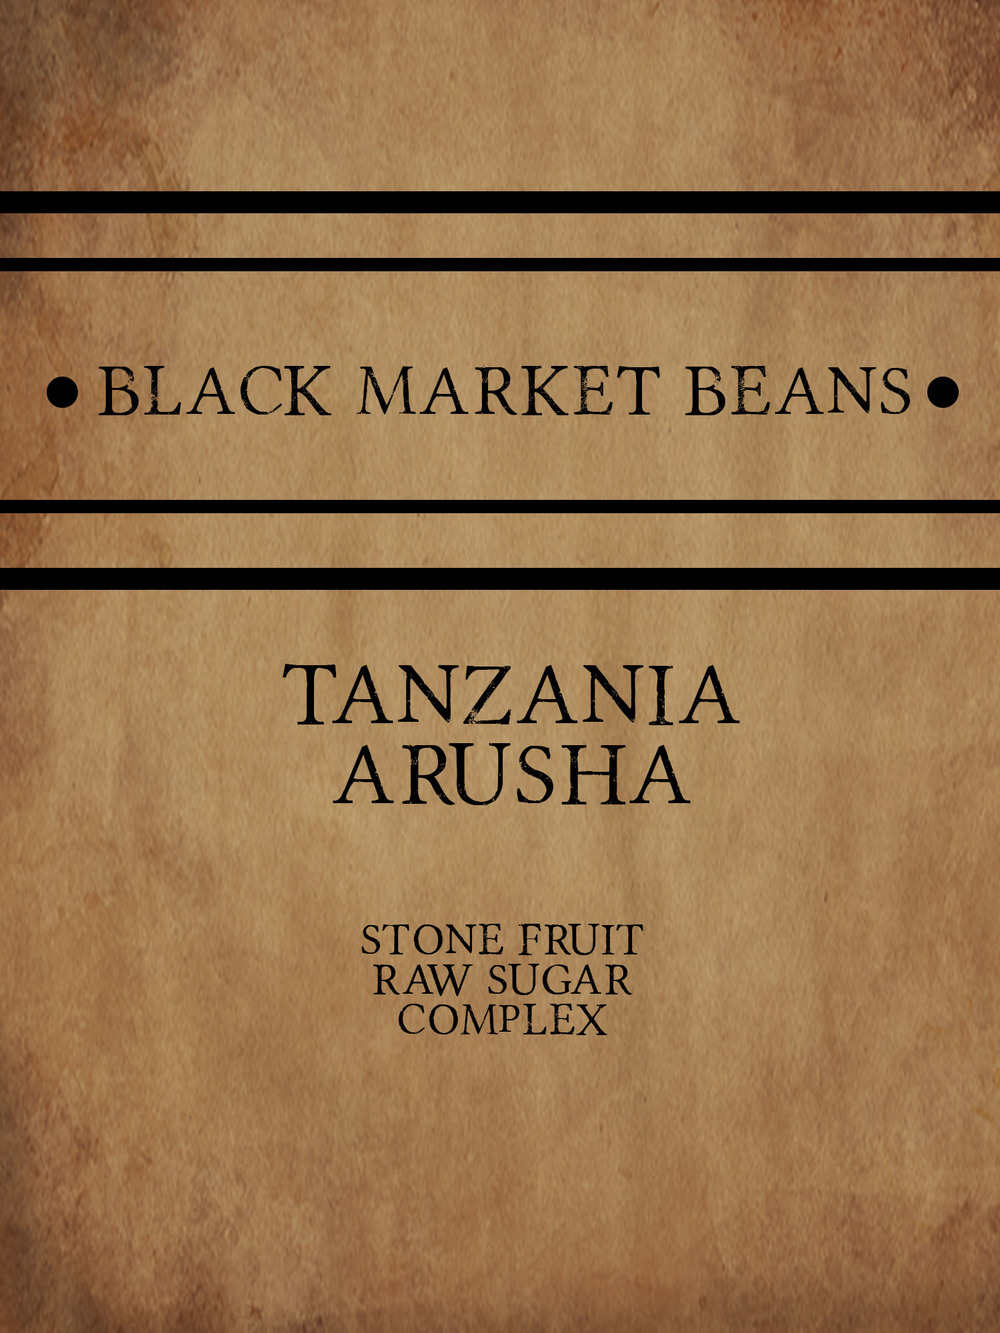 coffee_Tanzania_Arusha.jpg